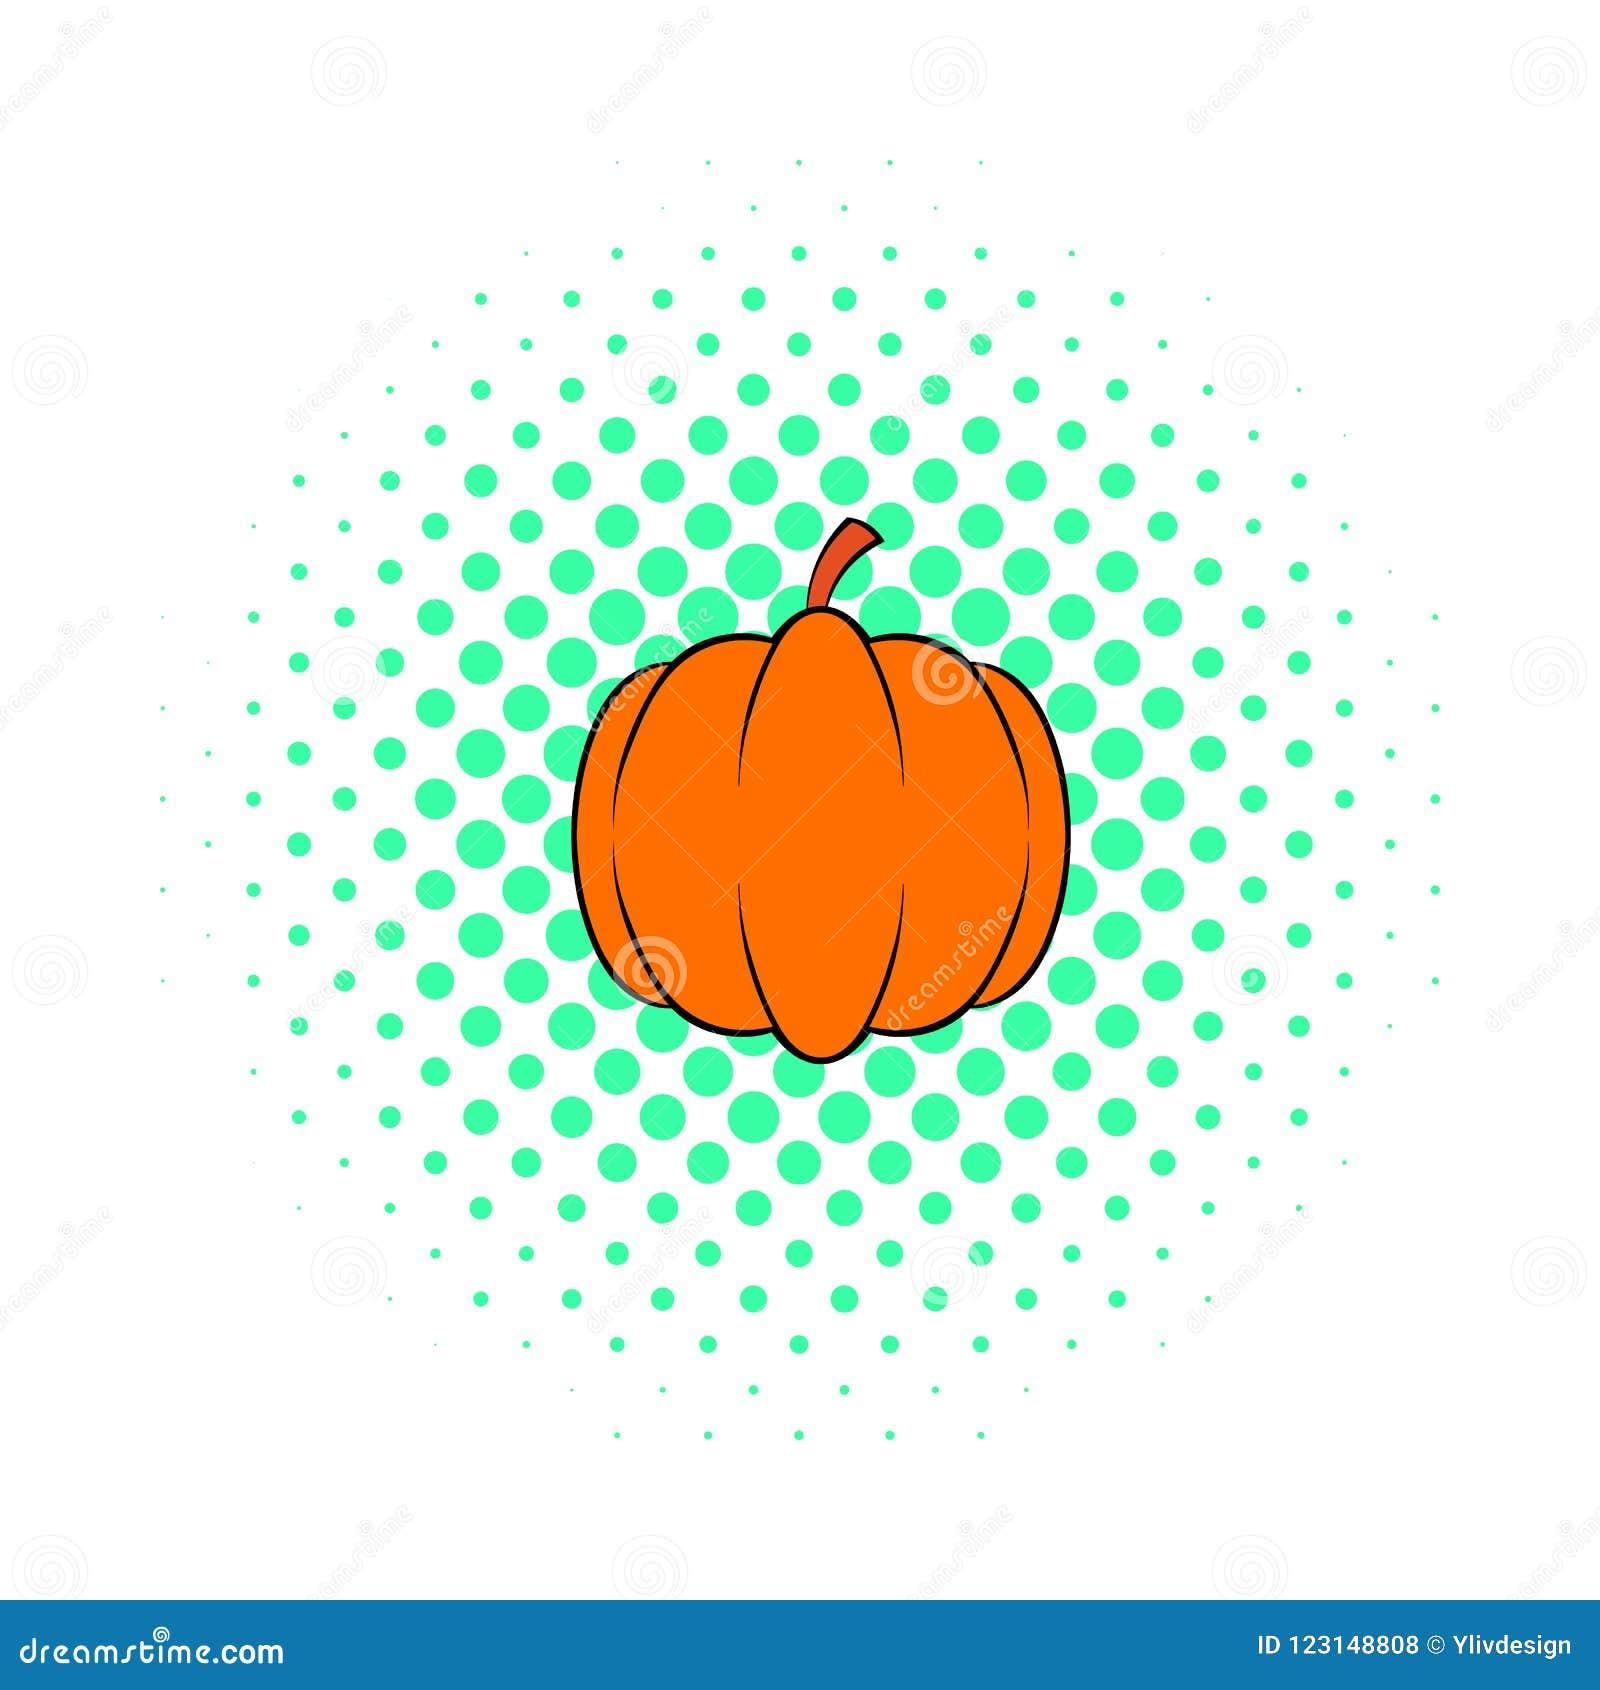 Pumpkin Icon Pop Art Style Stock Illustration Illustration Of